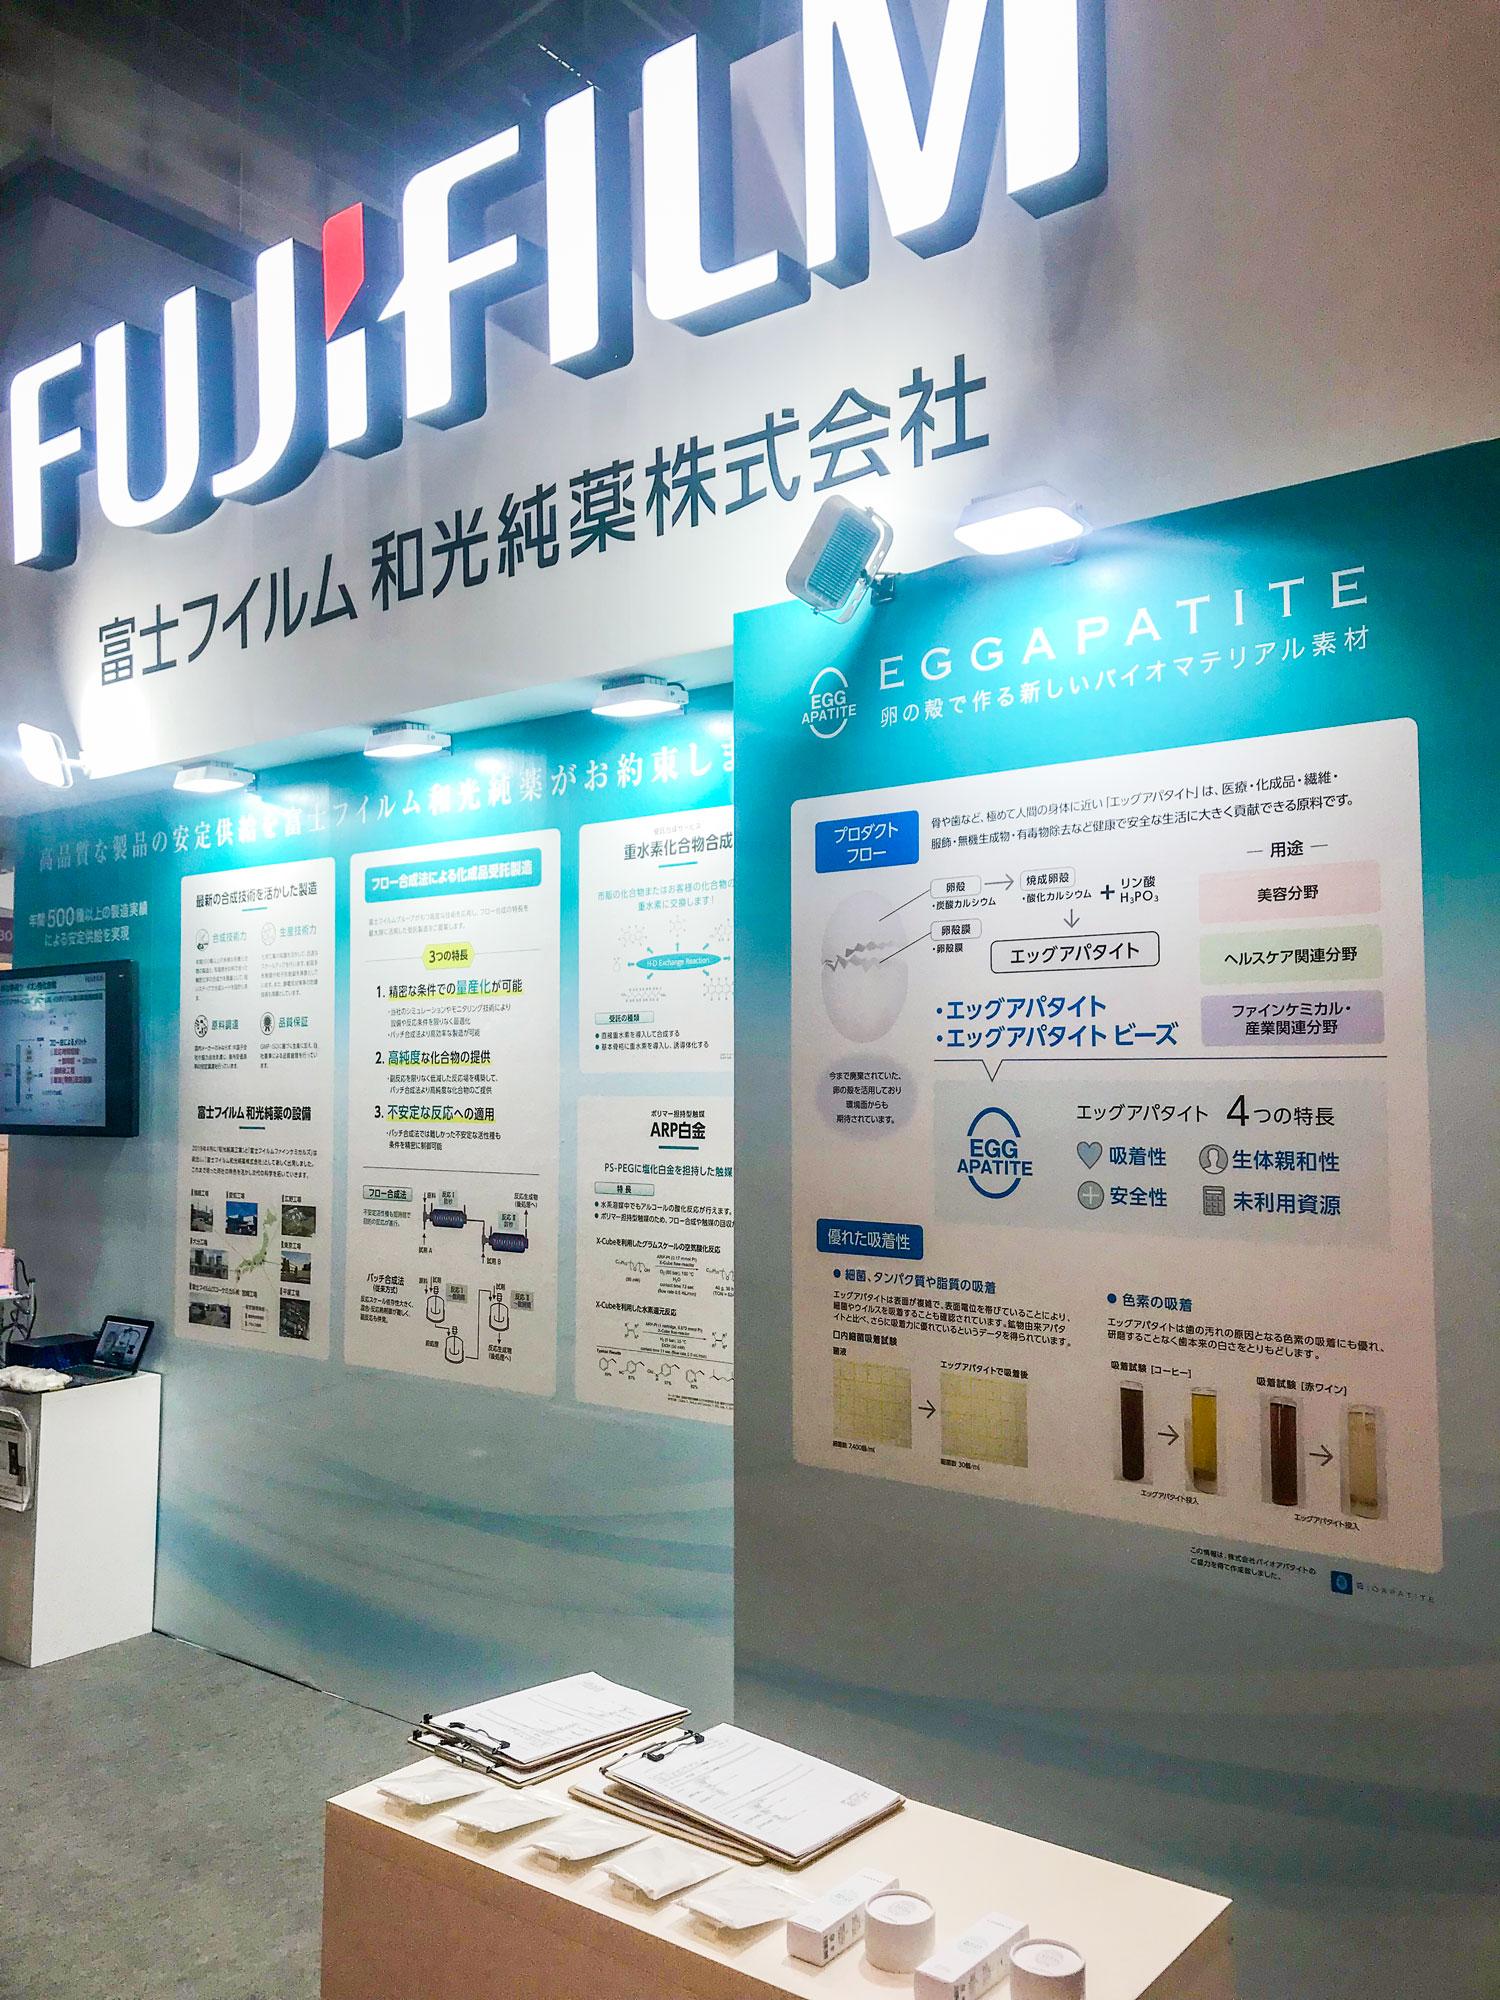 ファインケミカルジャパン2019の富士フイルム和光純薬工業株式会社様のブース